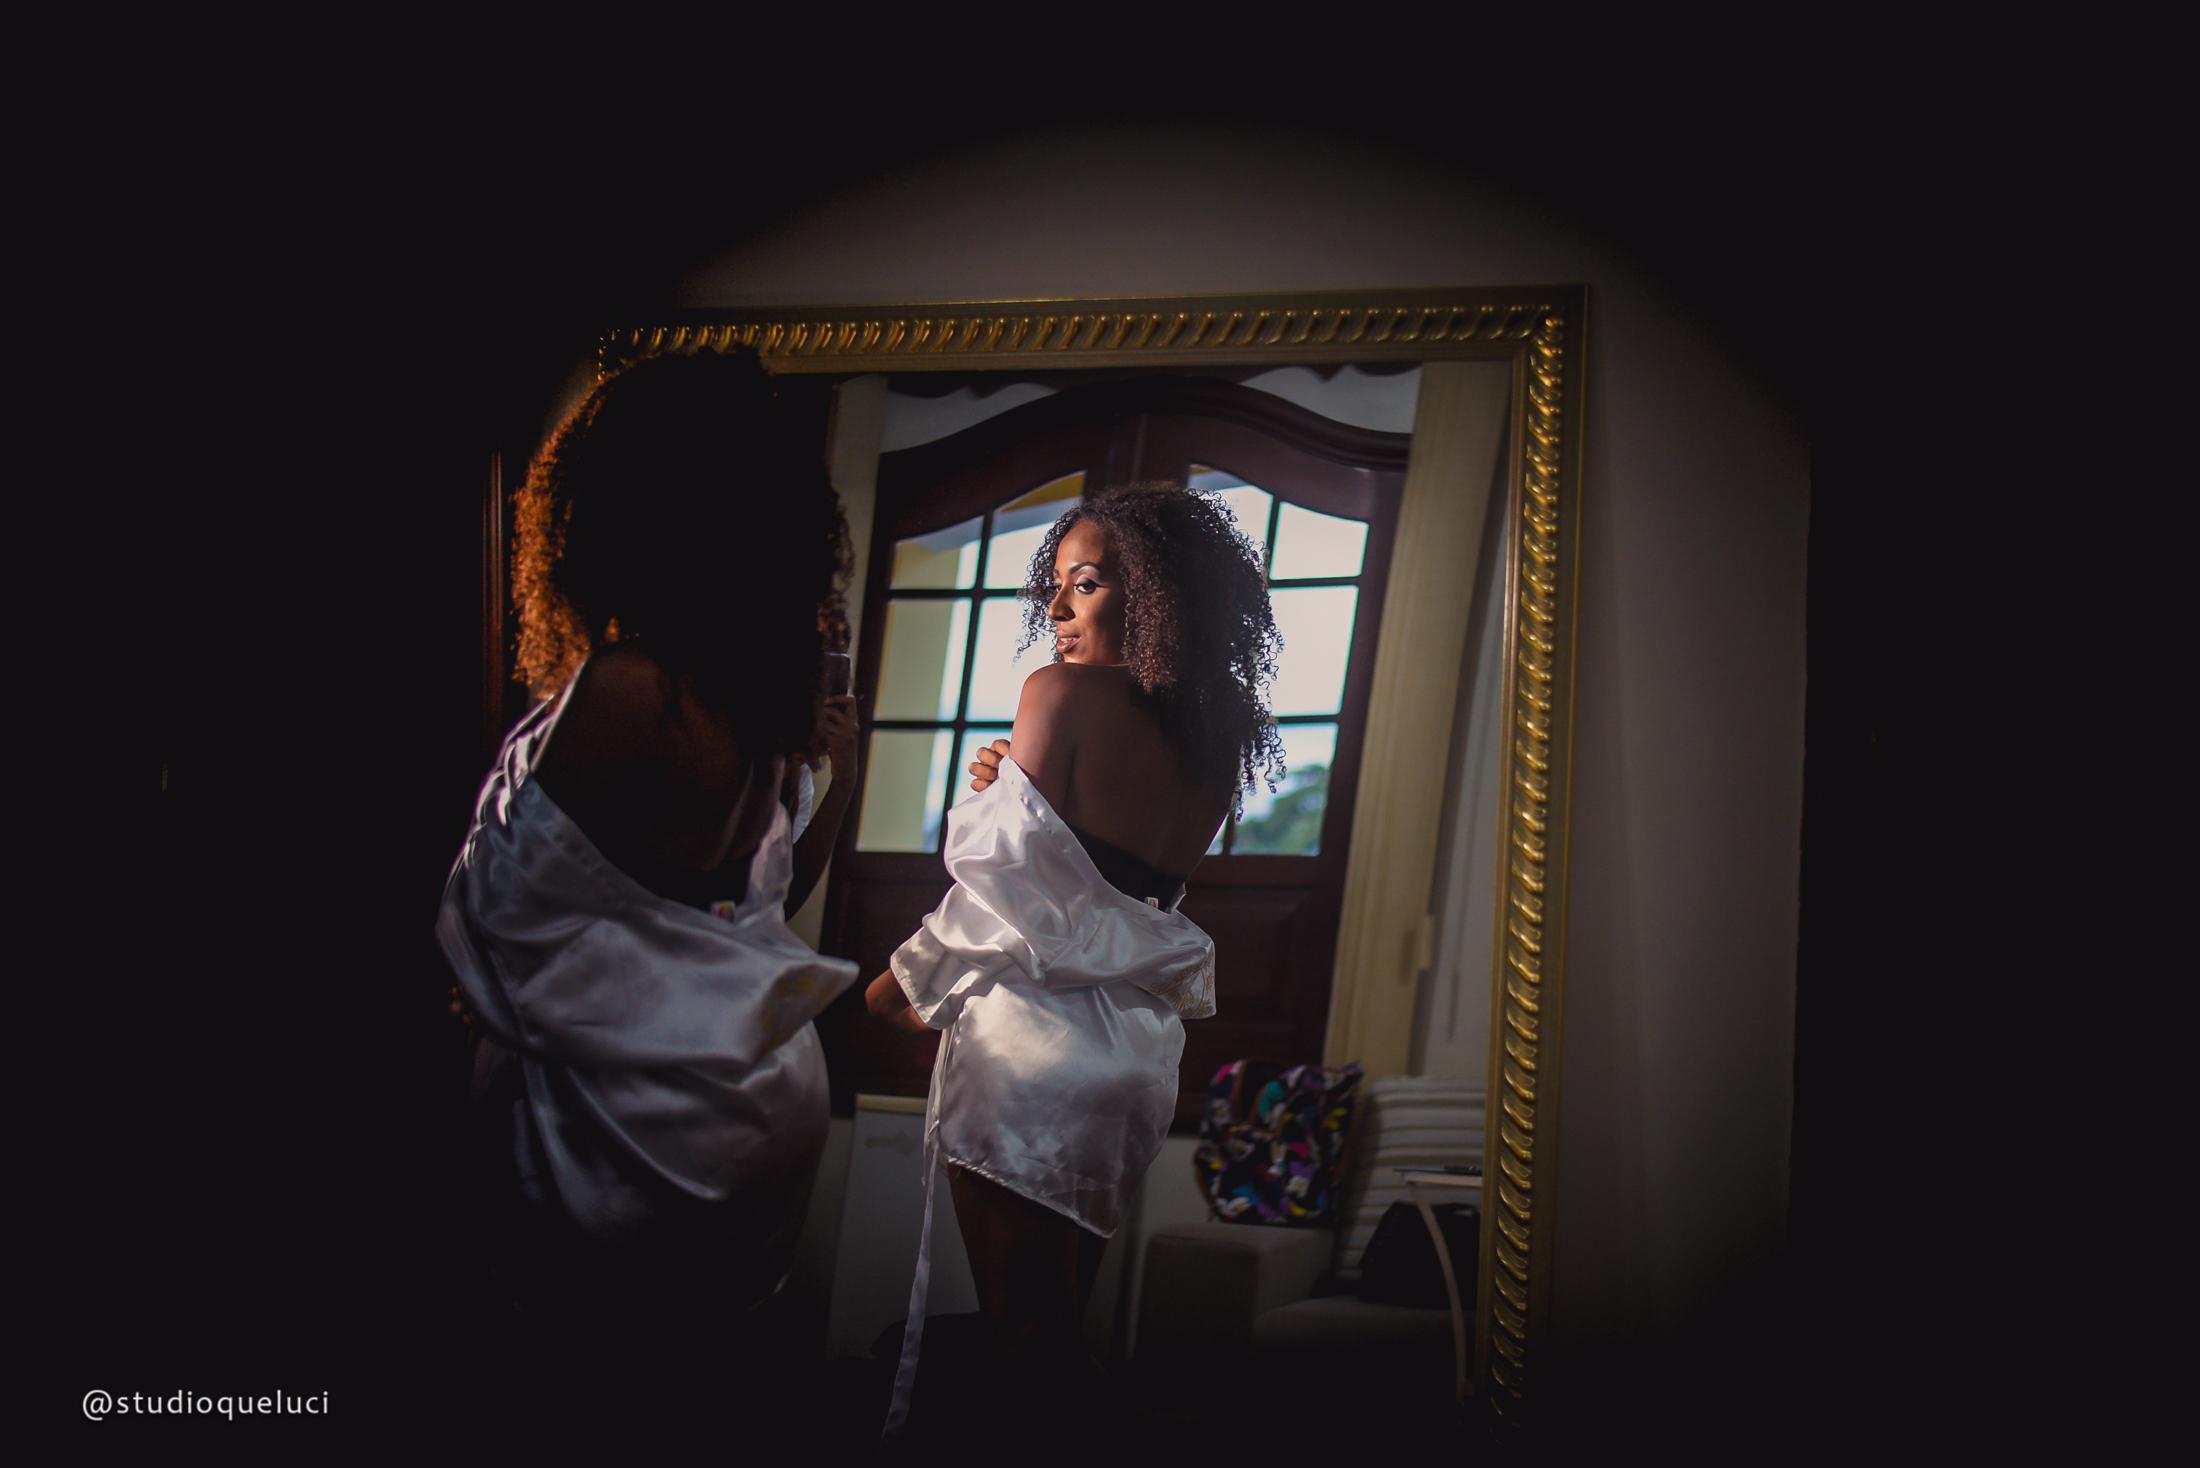 fotografo de casamento rj (7)